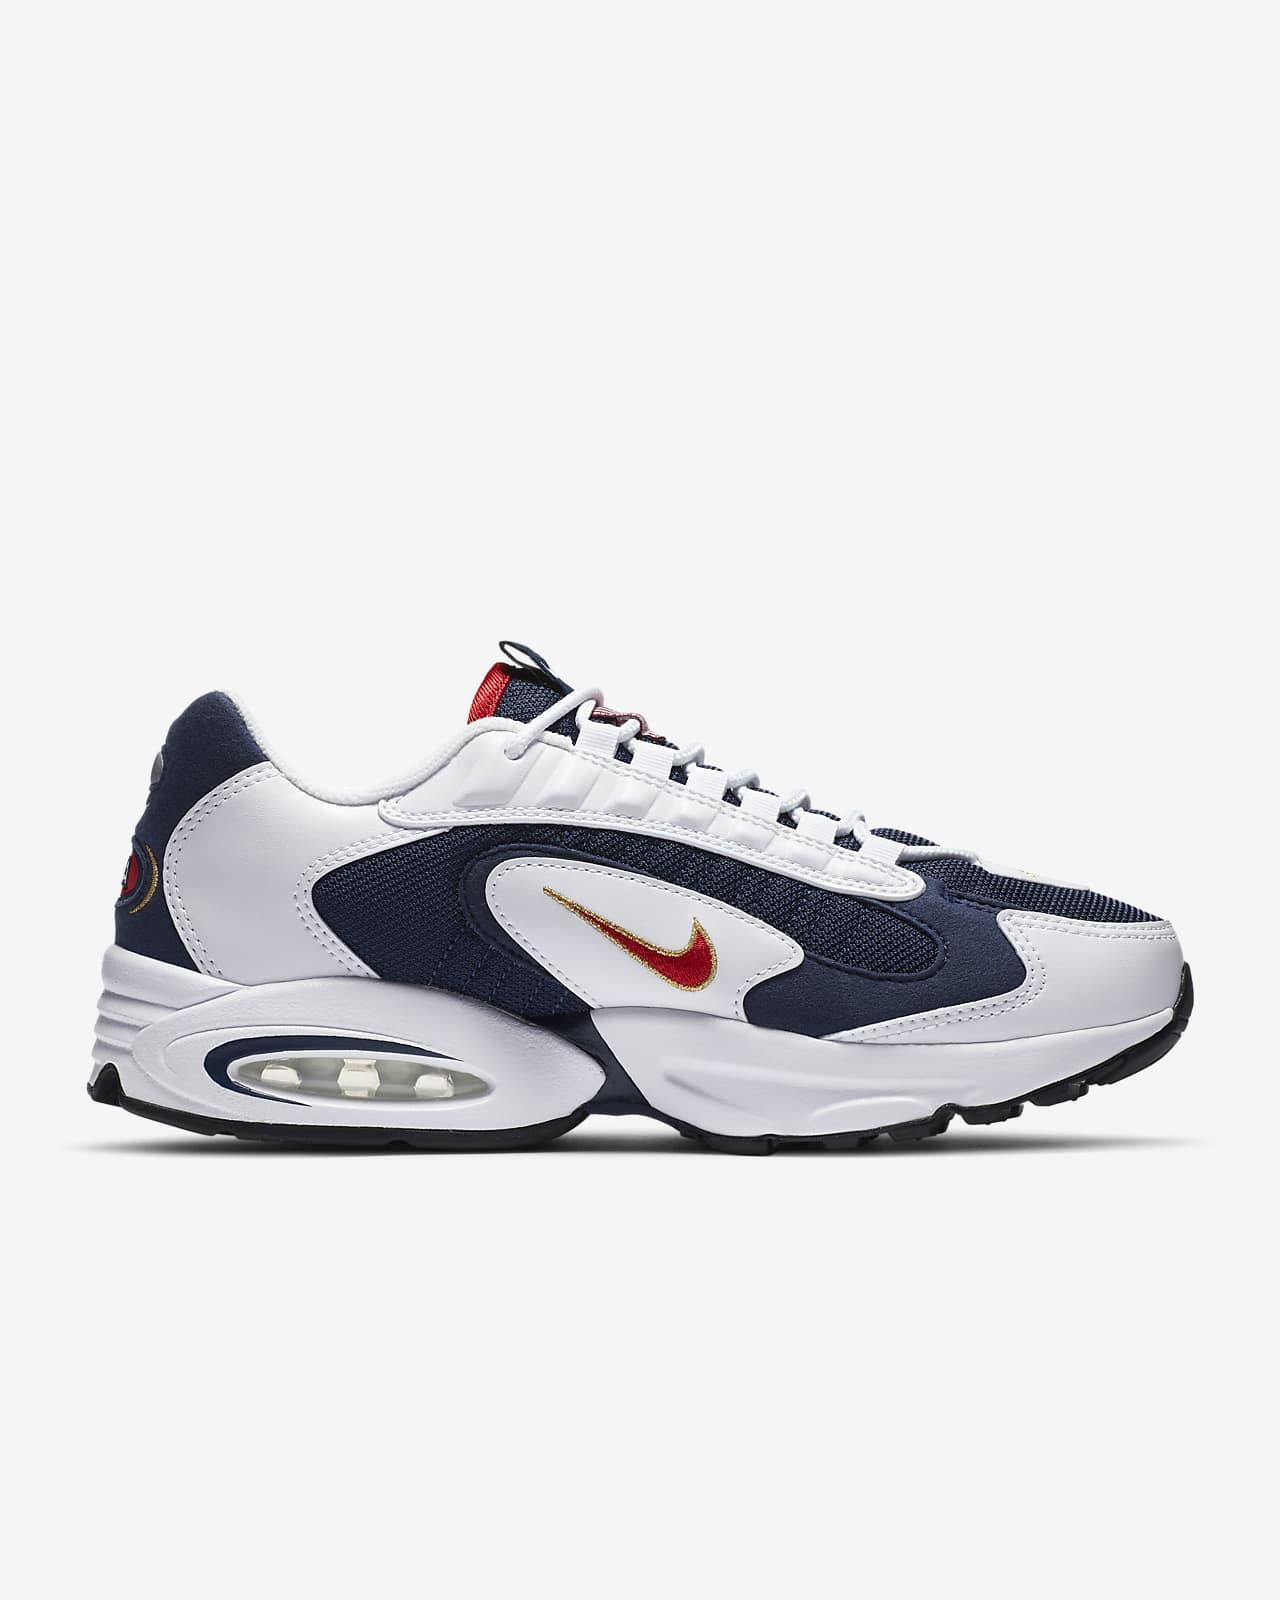 Chaussure Nike Air Max Triax USA pourHomme